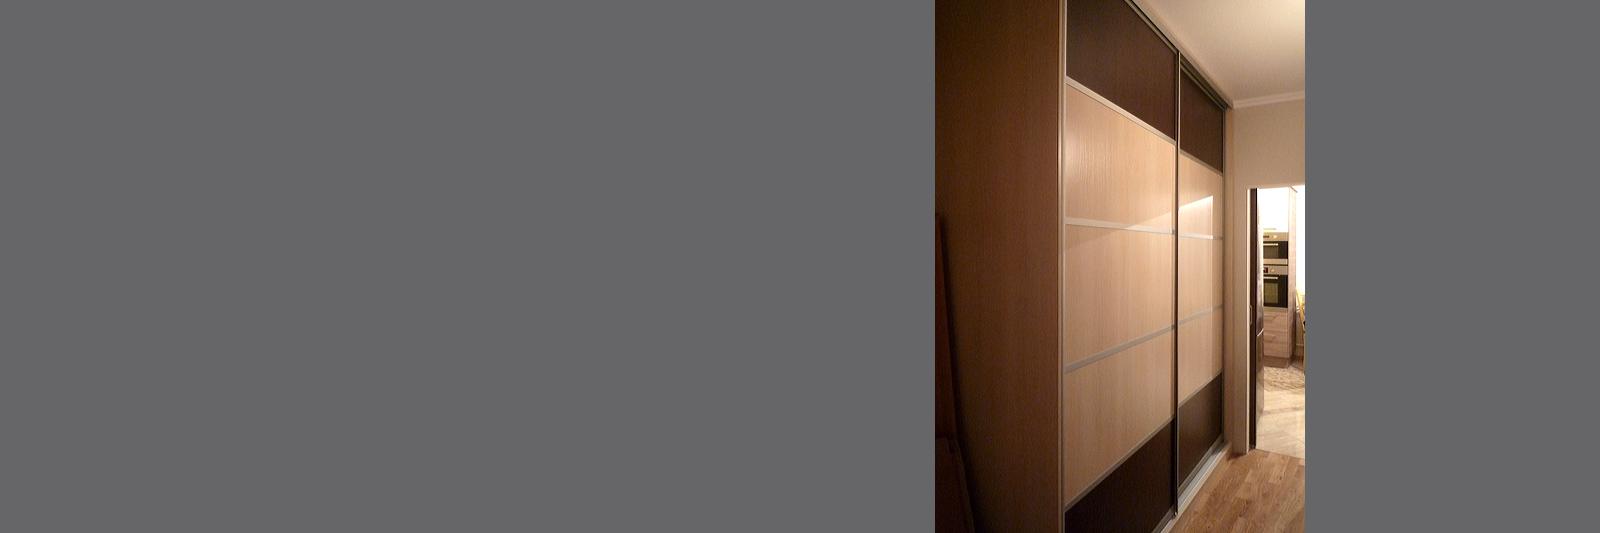 Шкаф купе на заказ с комбинированными дверями